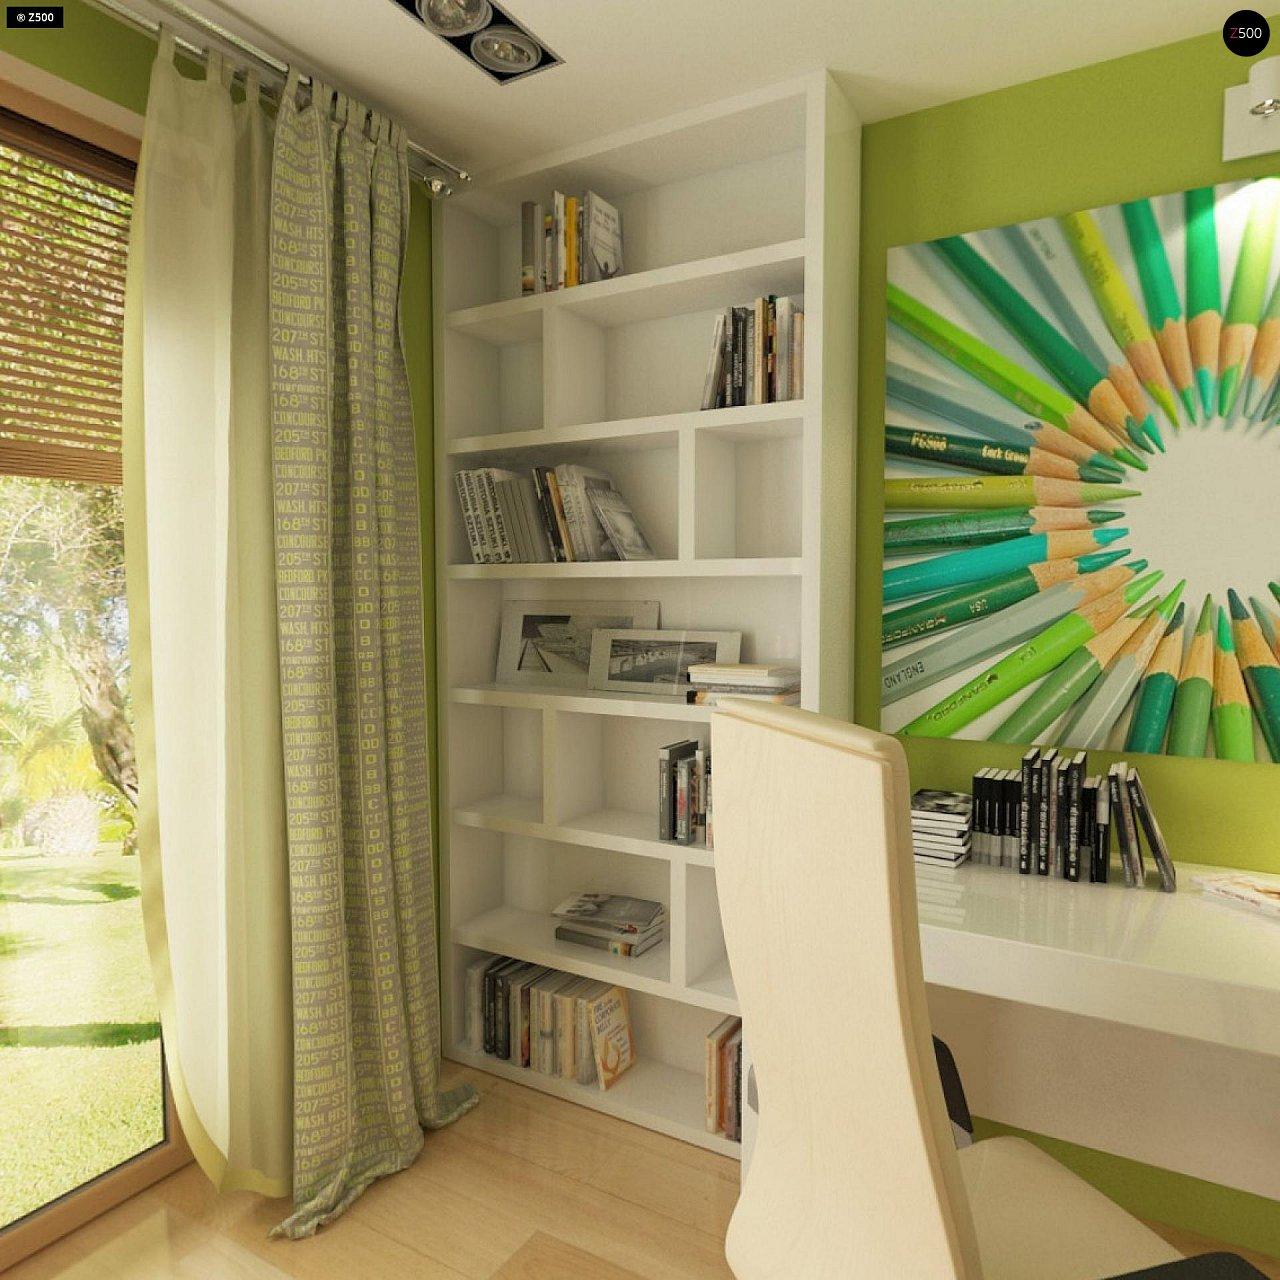 Прекрасное сочетание строгих минималистичных форм и уютного практичного интерьера. 12